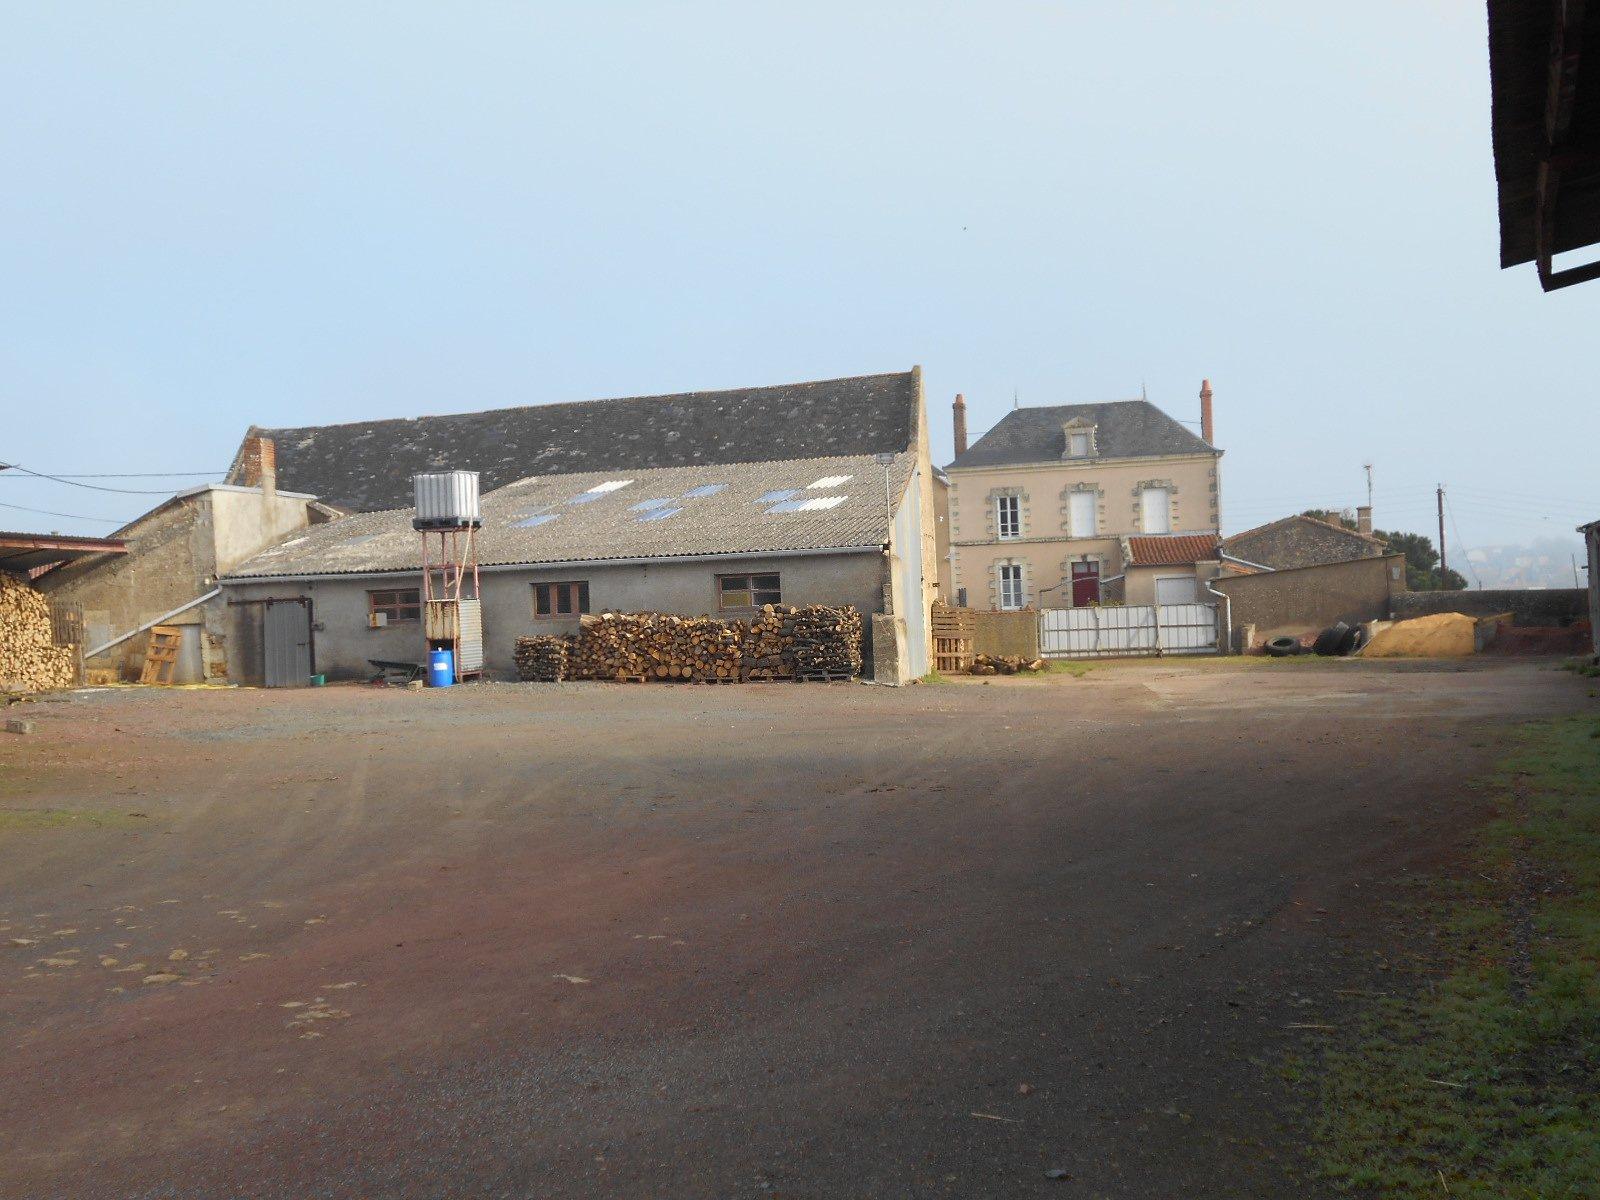 Terrain rare à Saint Jacques de Thouars